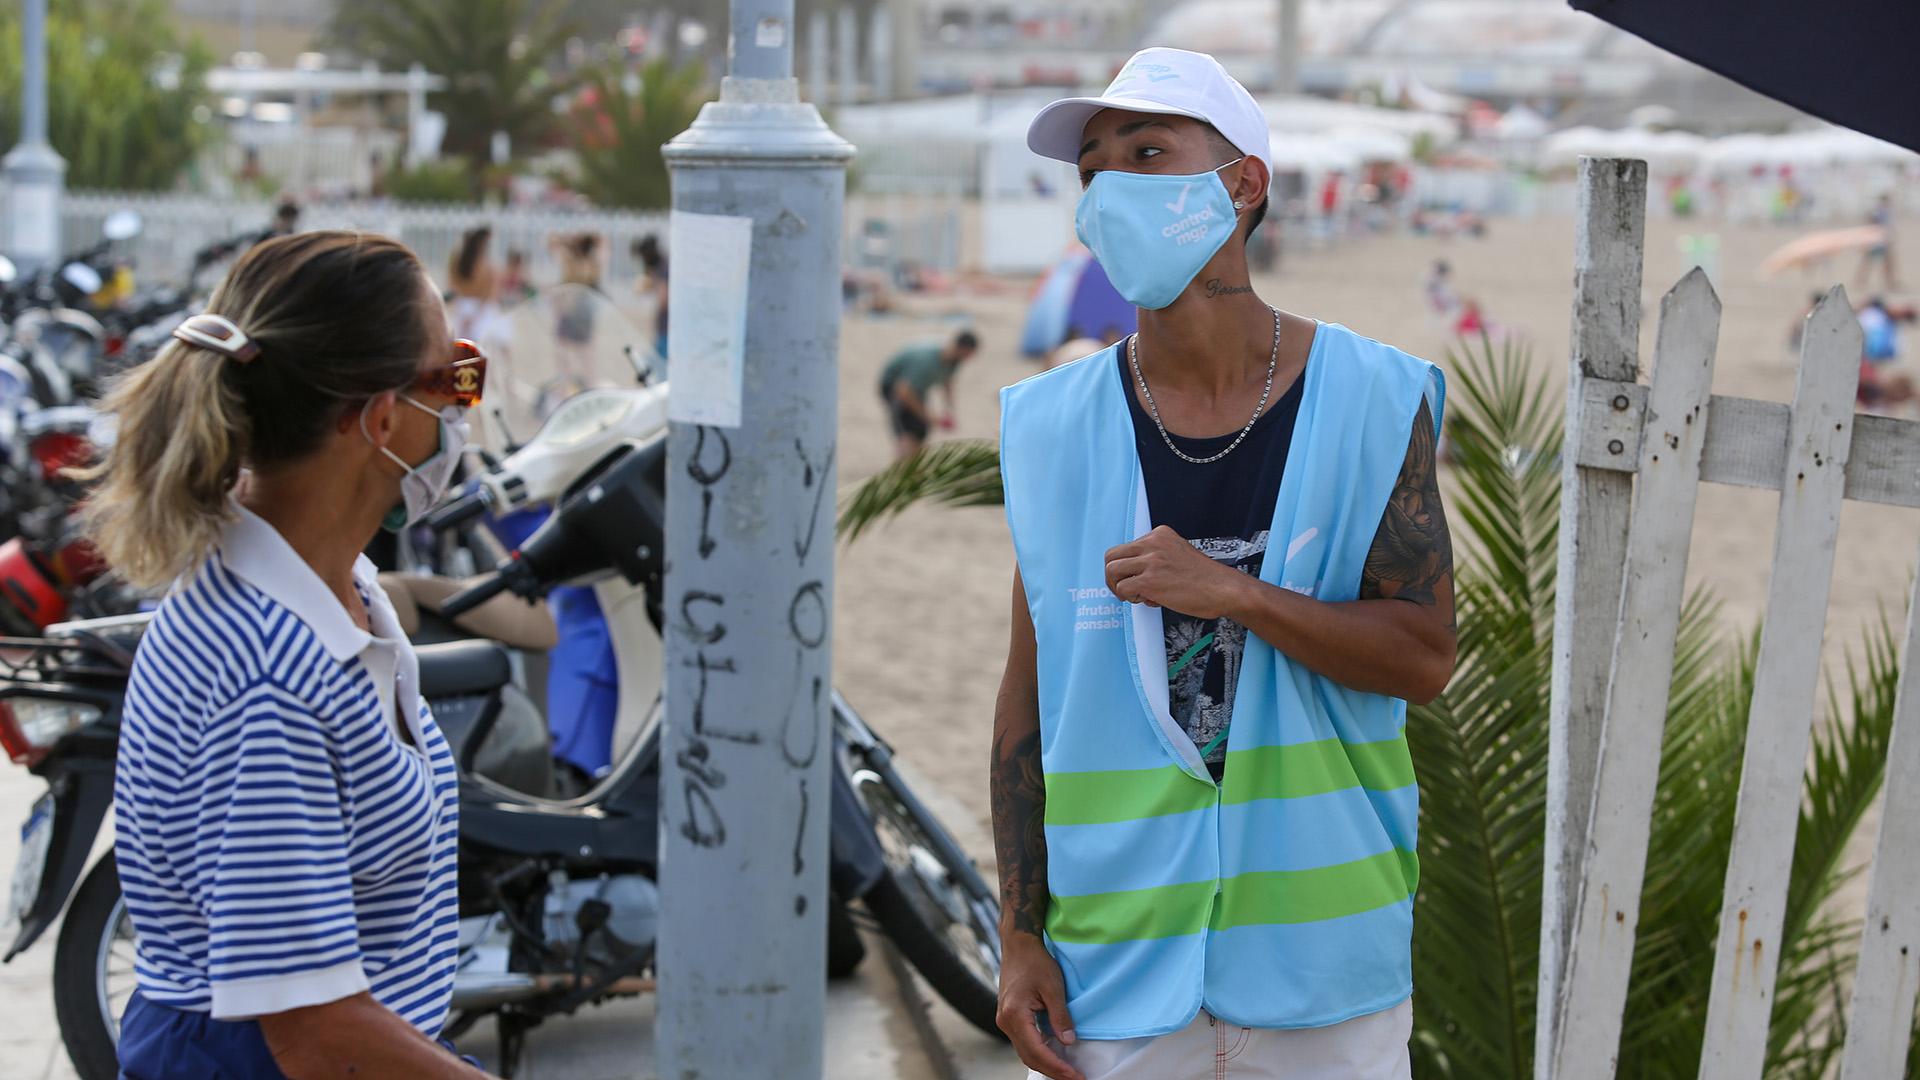 En los ingresos a las playas más concurridas, los agentes de control del municipio de General Pueyrredón controlan que los turistas no ingresen con bebidas alcohólicas.